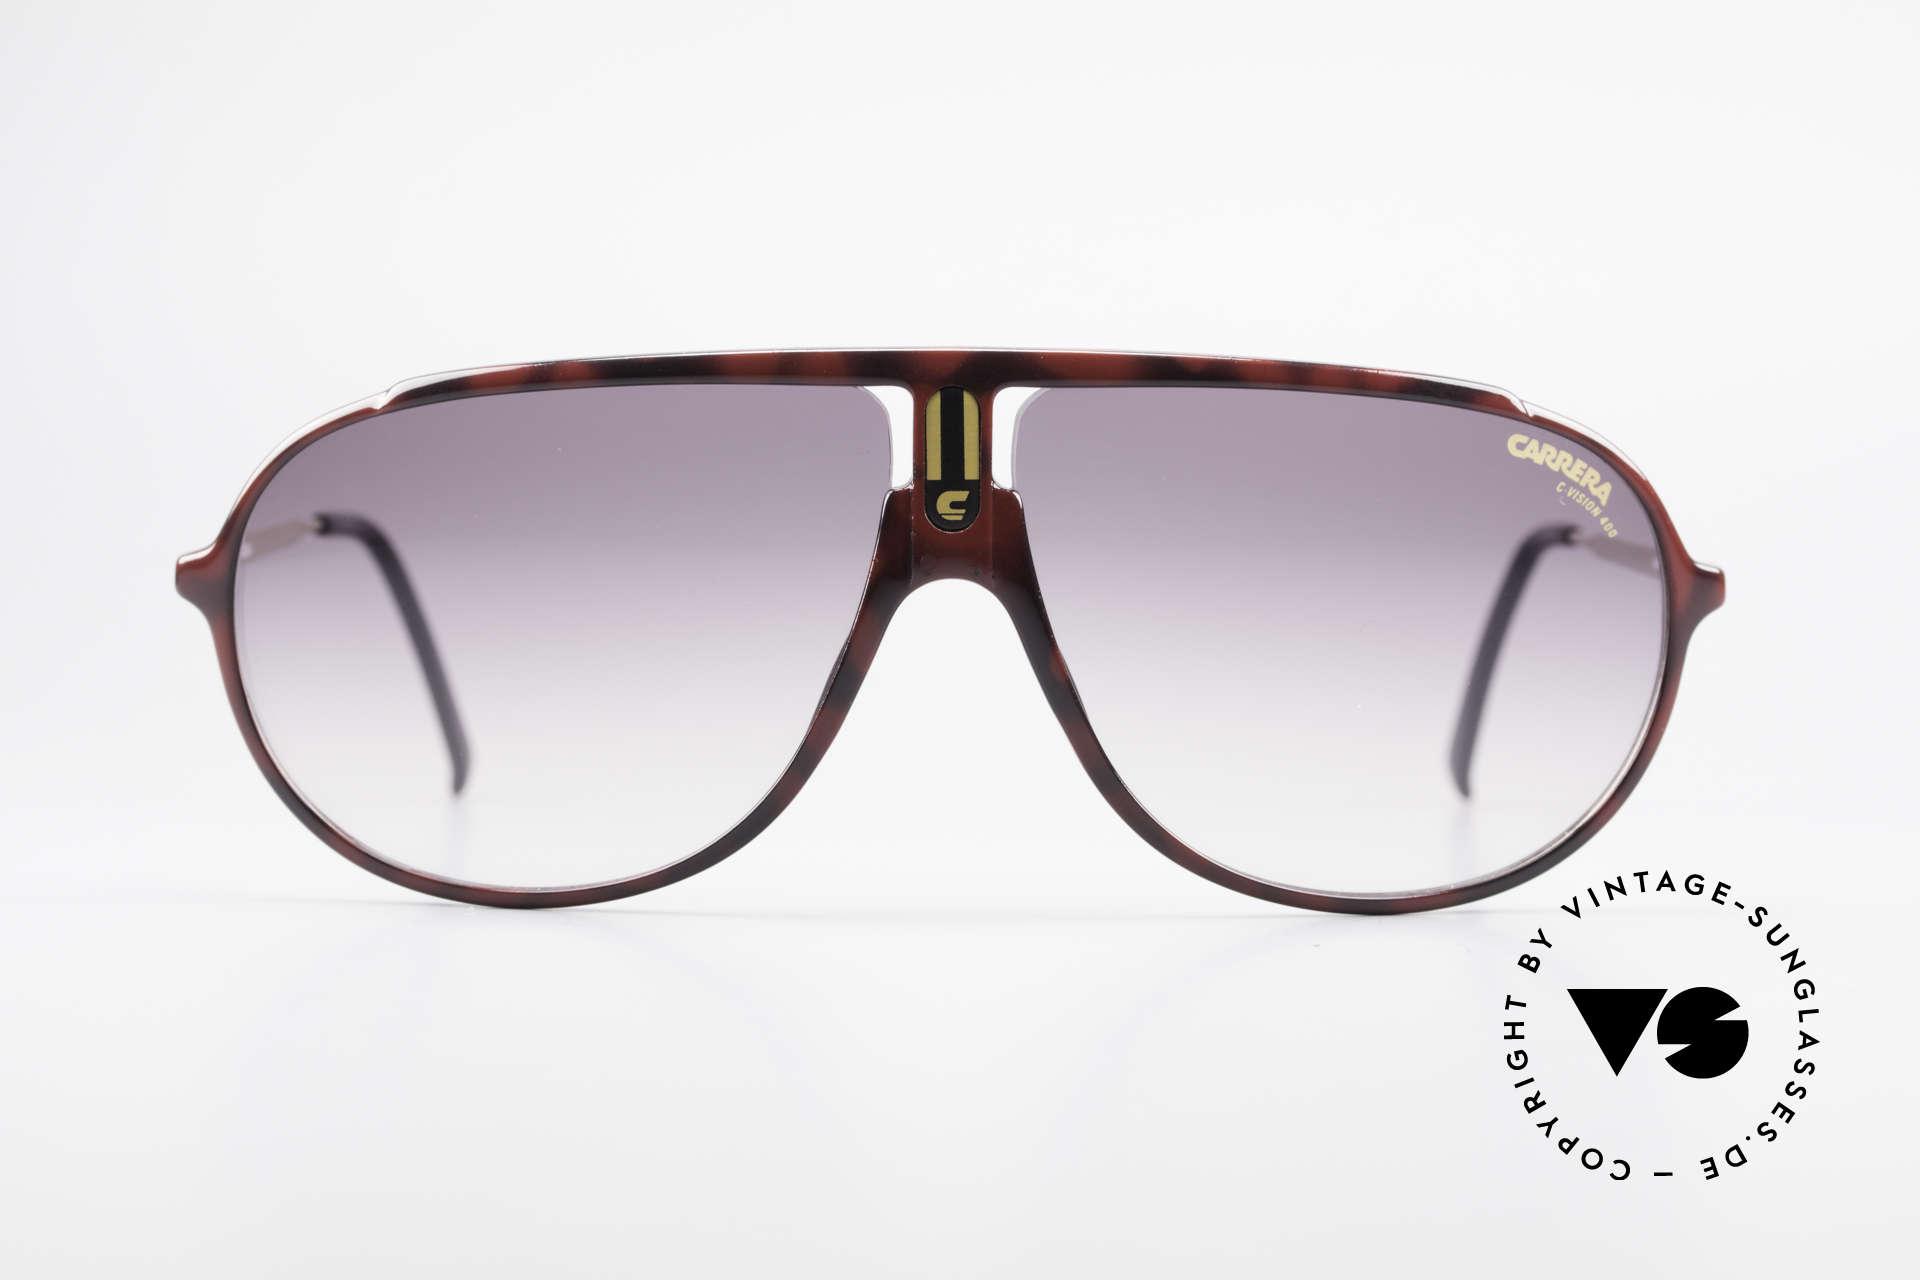 4e4cbb6c9764a Sunglasses Carrera 5467 Carbon Fibre Frame Vintage